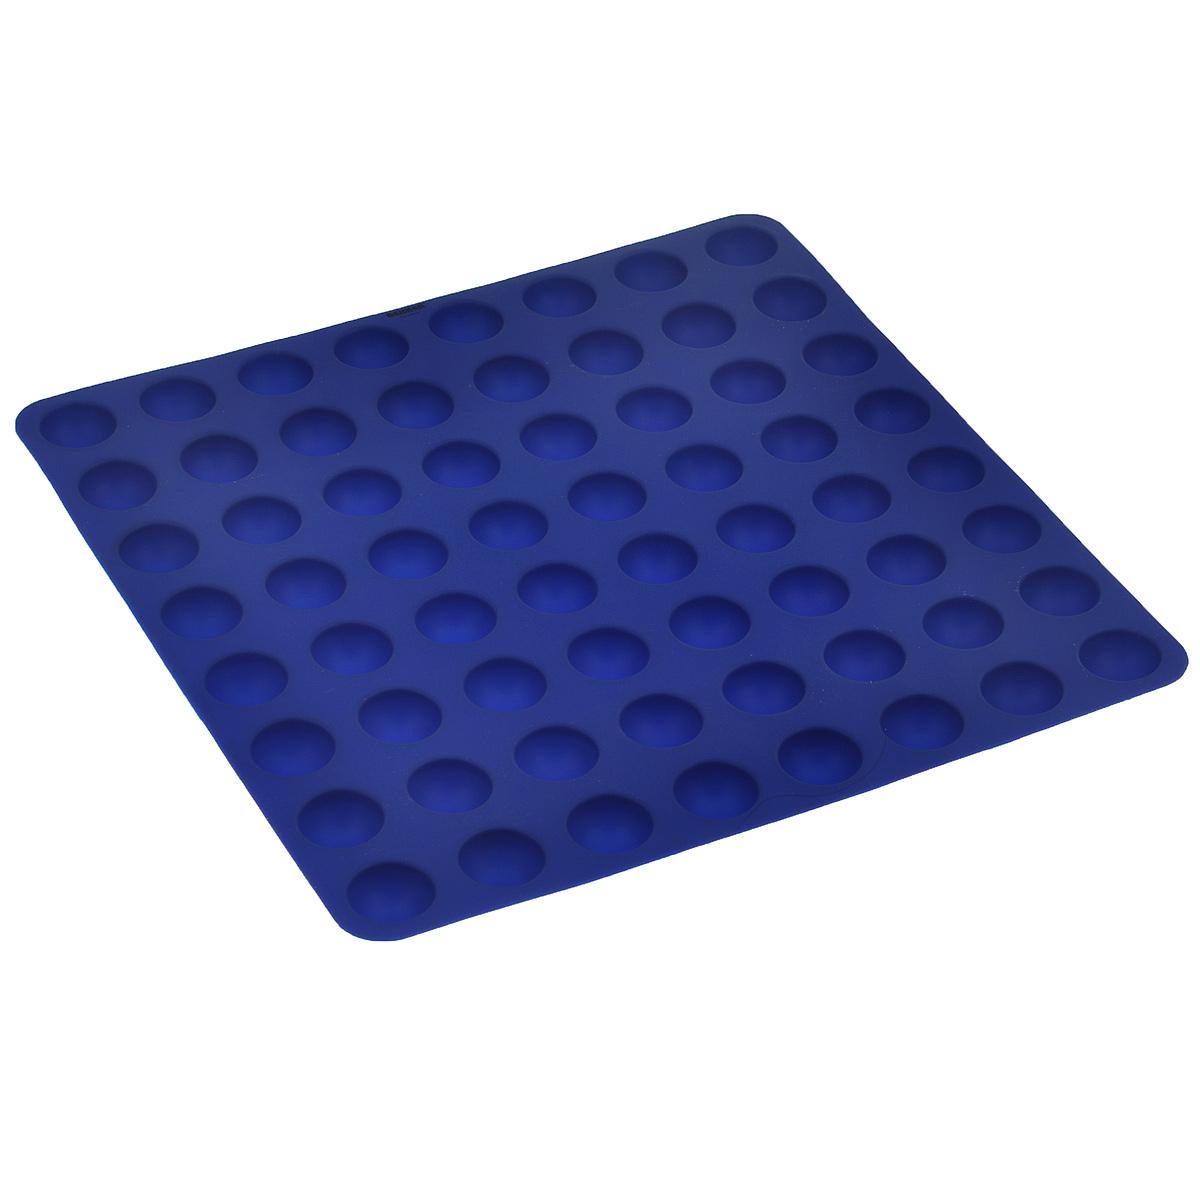 Форма для выпечки Bekker Колобки, цвет: синий, 64 ячейкиBK-9415Форма для выпечки Bekker Колобки изготовлена из силикона - материала, который выдерживает температуру от -40°С до +230°С. Изделия из силикона очень удобны в использовании: пища в них не пригорает и не прилипает к стенкам, форма легко моется. Приготовленное блюдо можно очень просто вытащить, просто перевернув форму, при этом внешний вид блюда не нарушится. Изделие обладает эластичными свойствами: складывается без изломов, восстанавливает свою первоначальную форму. Форма содержит 64 ячейки круглой формы. Порадуйте своих родных и близких любимой выпечкой. Подходит для приготовления в микроволновой печи и духовом шкафу при нагревании до +230°С; для замораживания до -40°С и чистки в посудомоечной машине. Рекомендации по использованию: - не помещайте форму непосредственно на источник тепла (открытый огонь, гриль), - не используйте нож для резки продуктов в форме, - не используйте CRISP функцию при приготовлении в микроволновой печи, - не используйте для чистки абразивные средства, скребки и щетки.